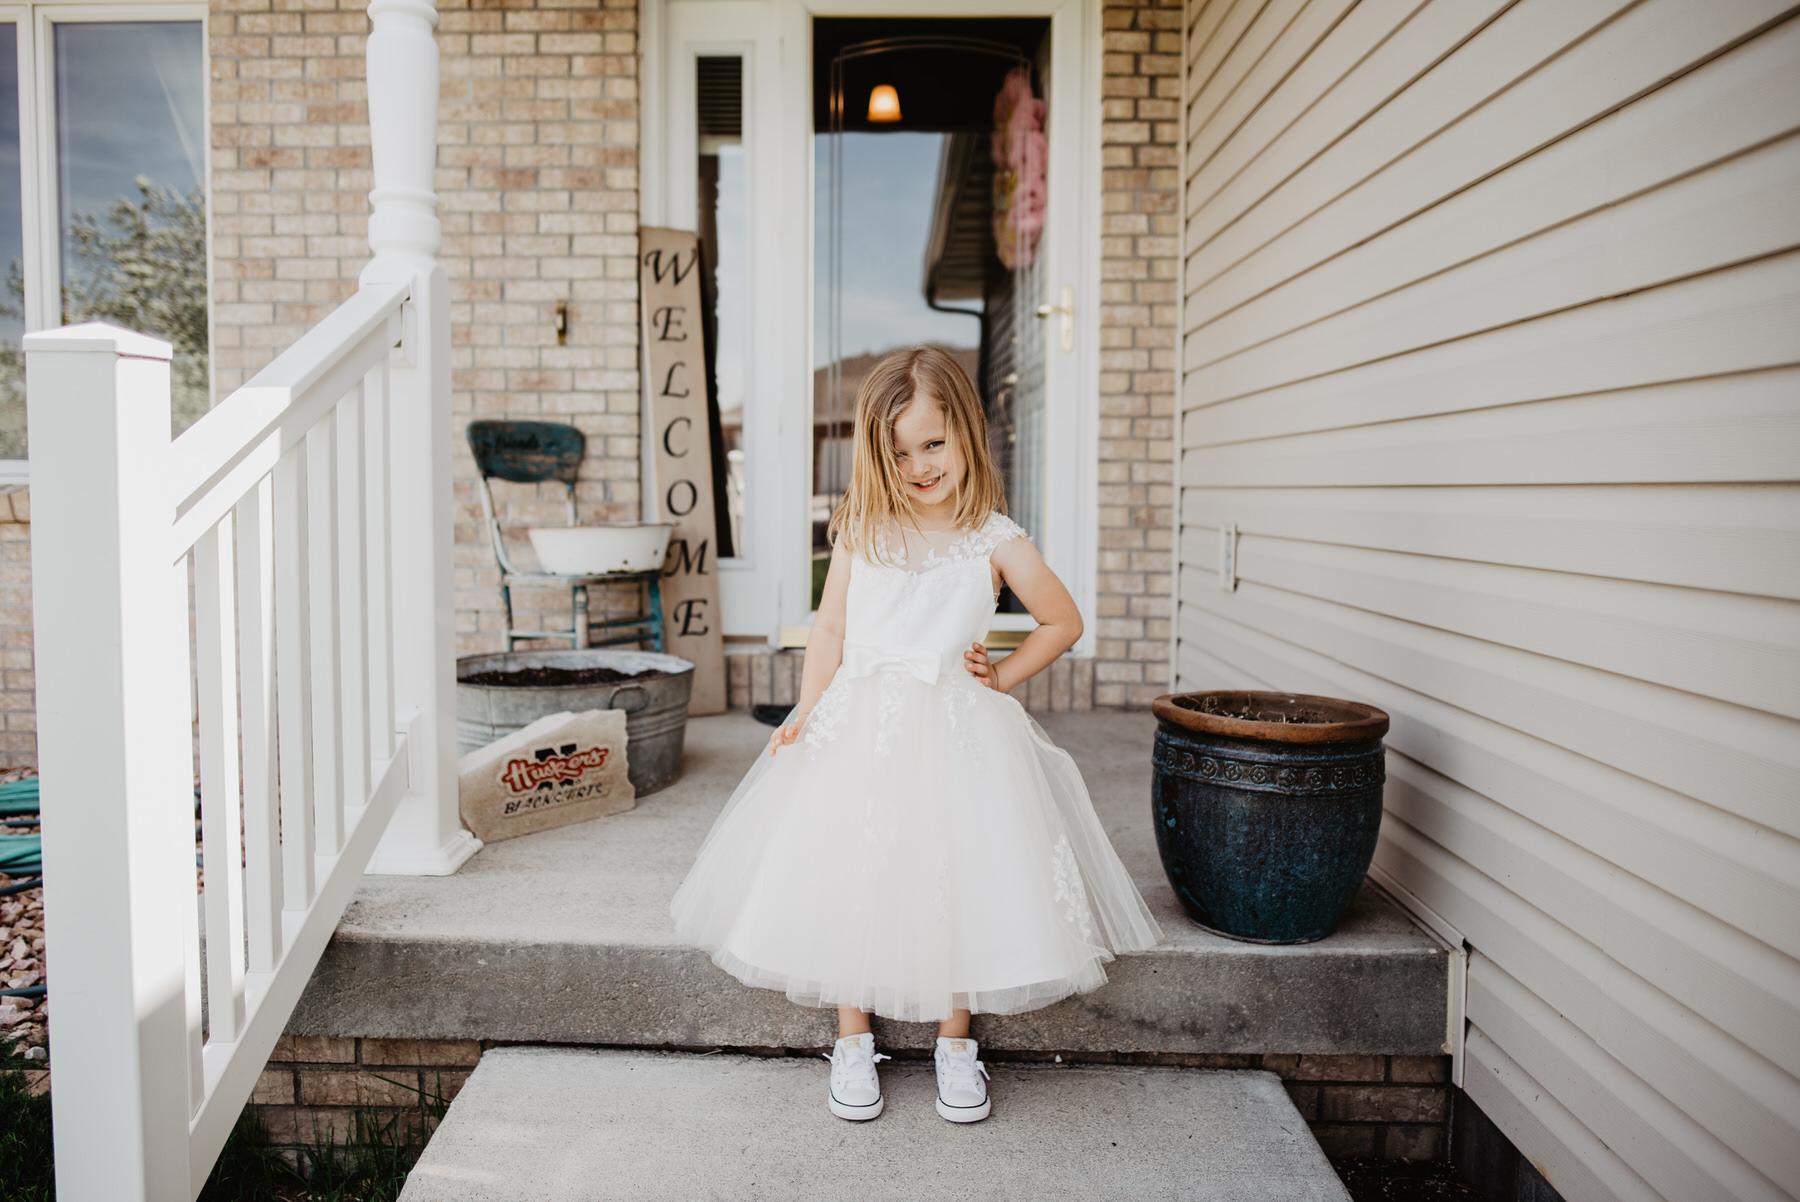 Kaylie-Sirek-Photography-Kearney-Nebraska-Wedding-020.jpg